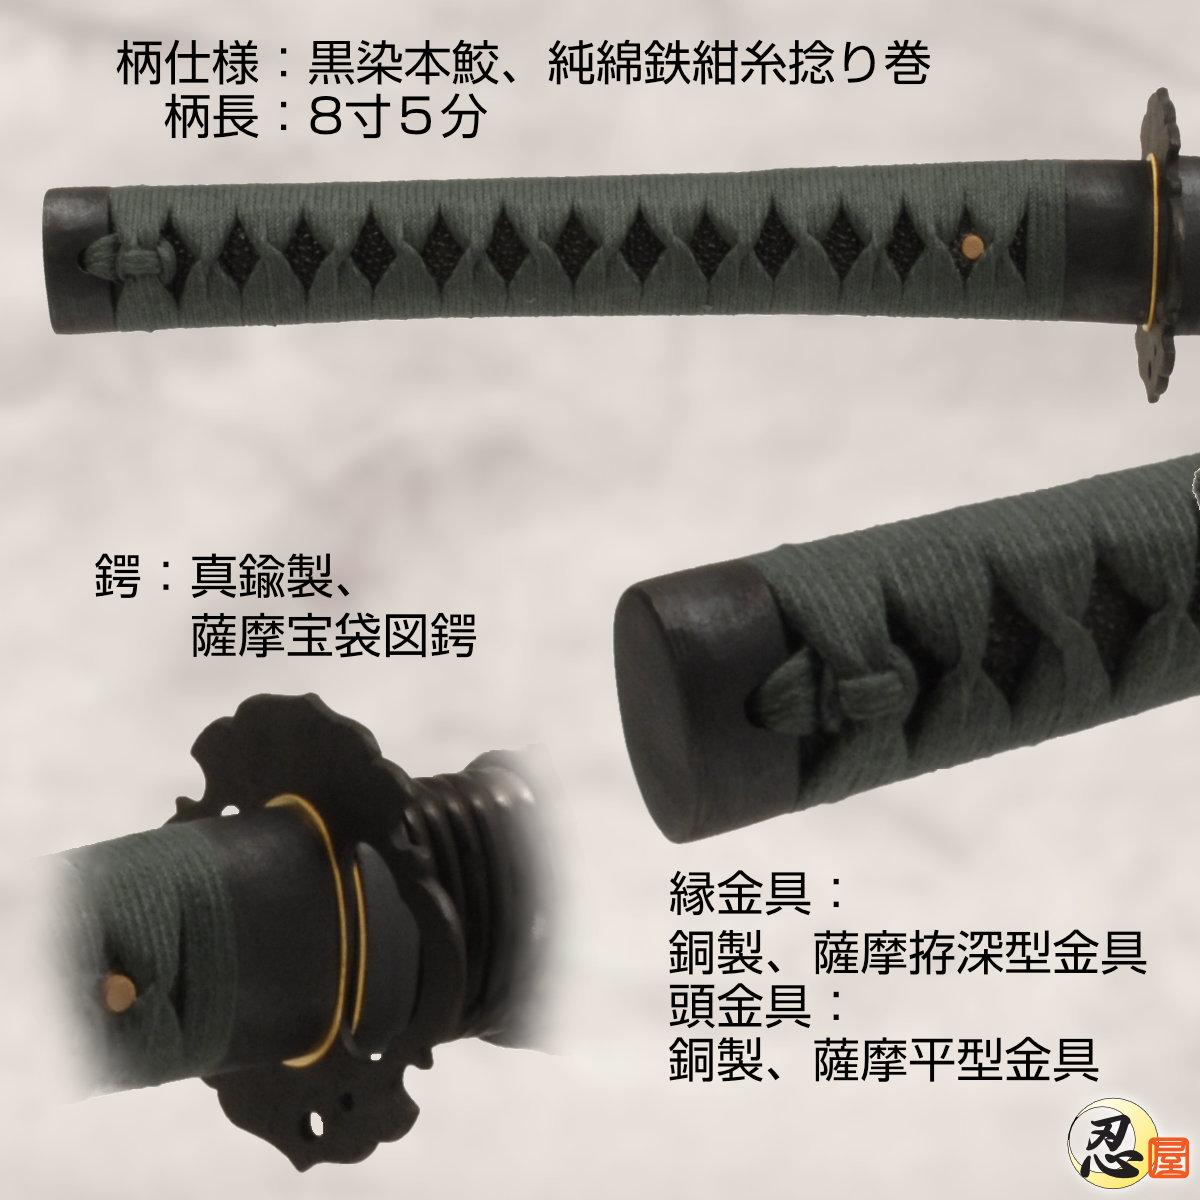 高級居合刀 田中新兵衛愛刀 奥和泉守忠重 - HITOGIRI typeⅢ-(刀袋付き)  模擬刀剣証明書付き